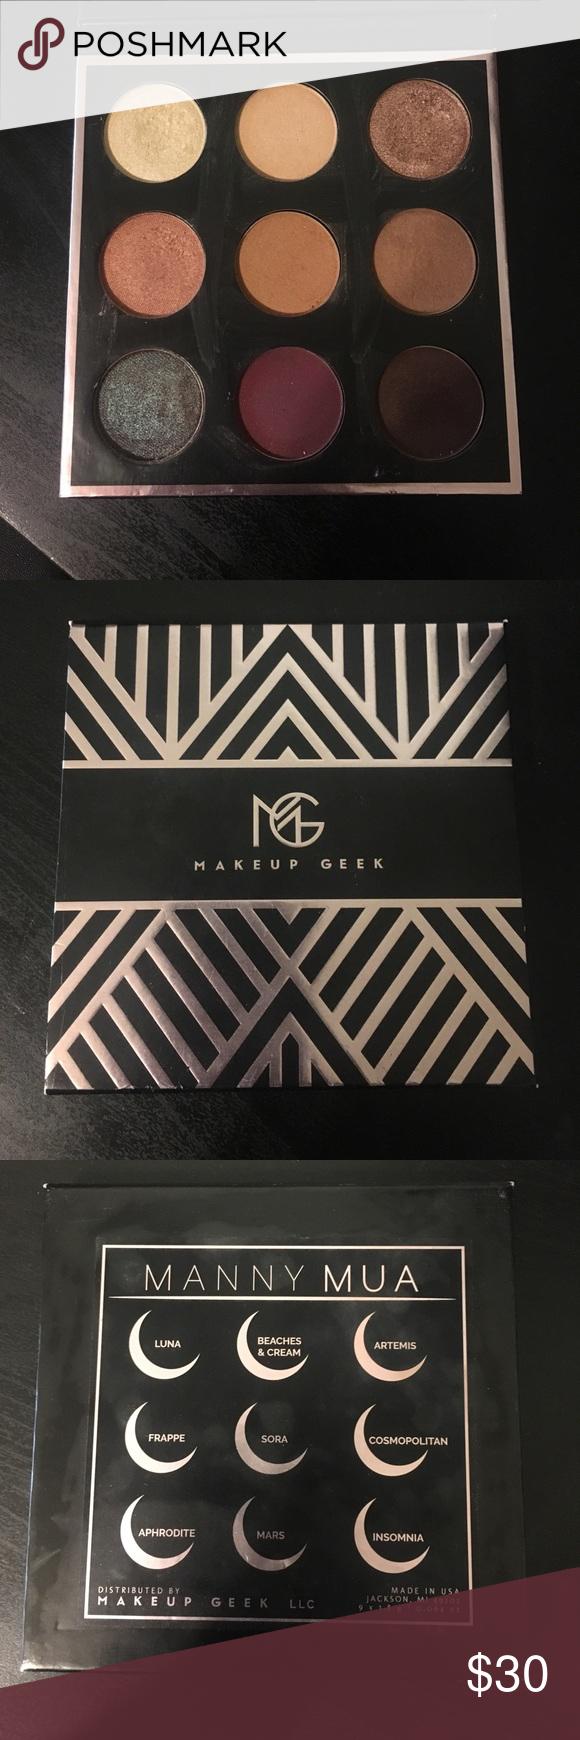 Manny MUA x Makeup Geek Palette Makeup geek palette